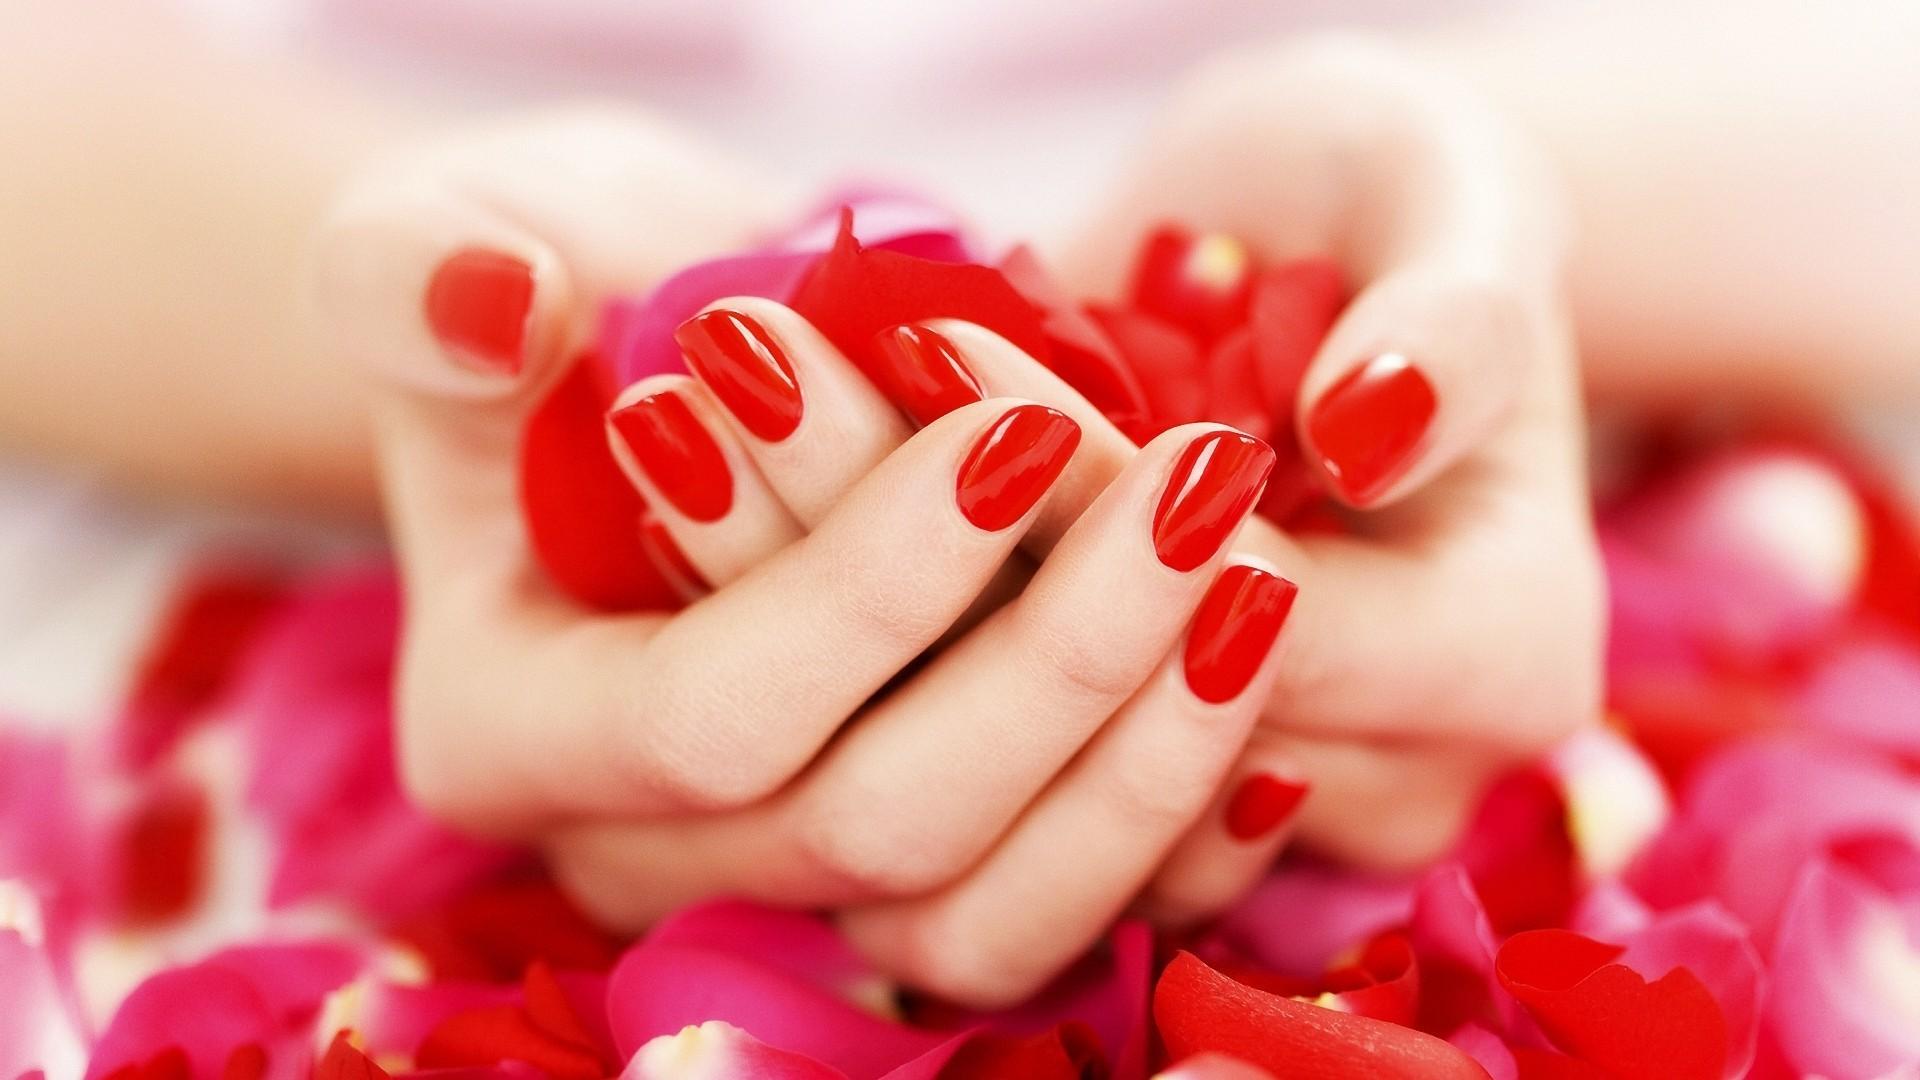 1920x1080 1920x1080 dark red nail polish wallpaper 43561